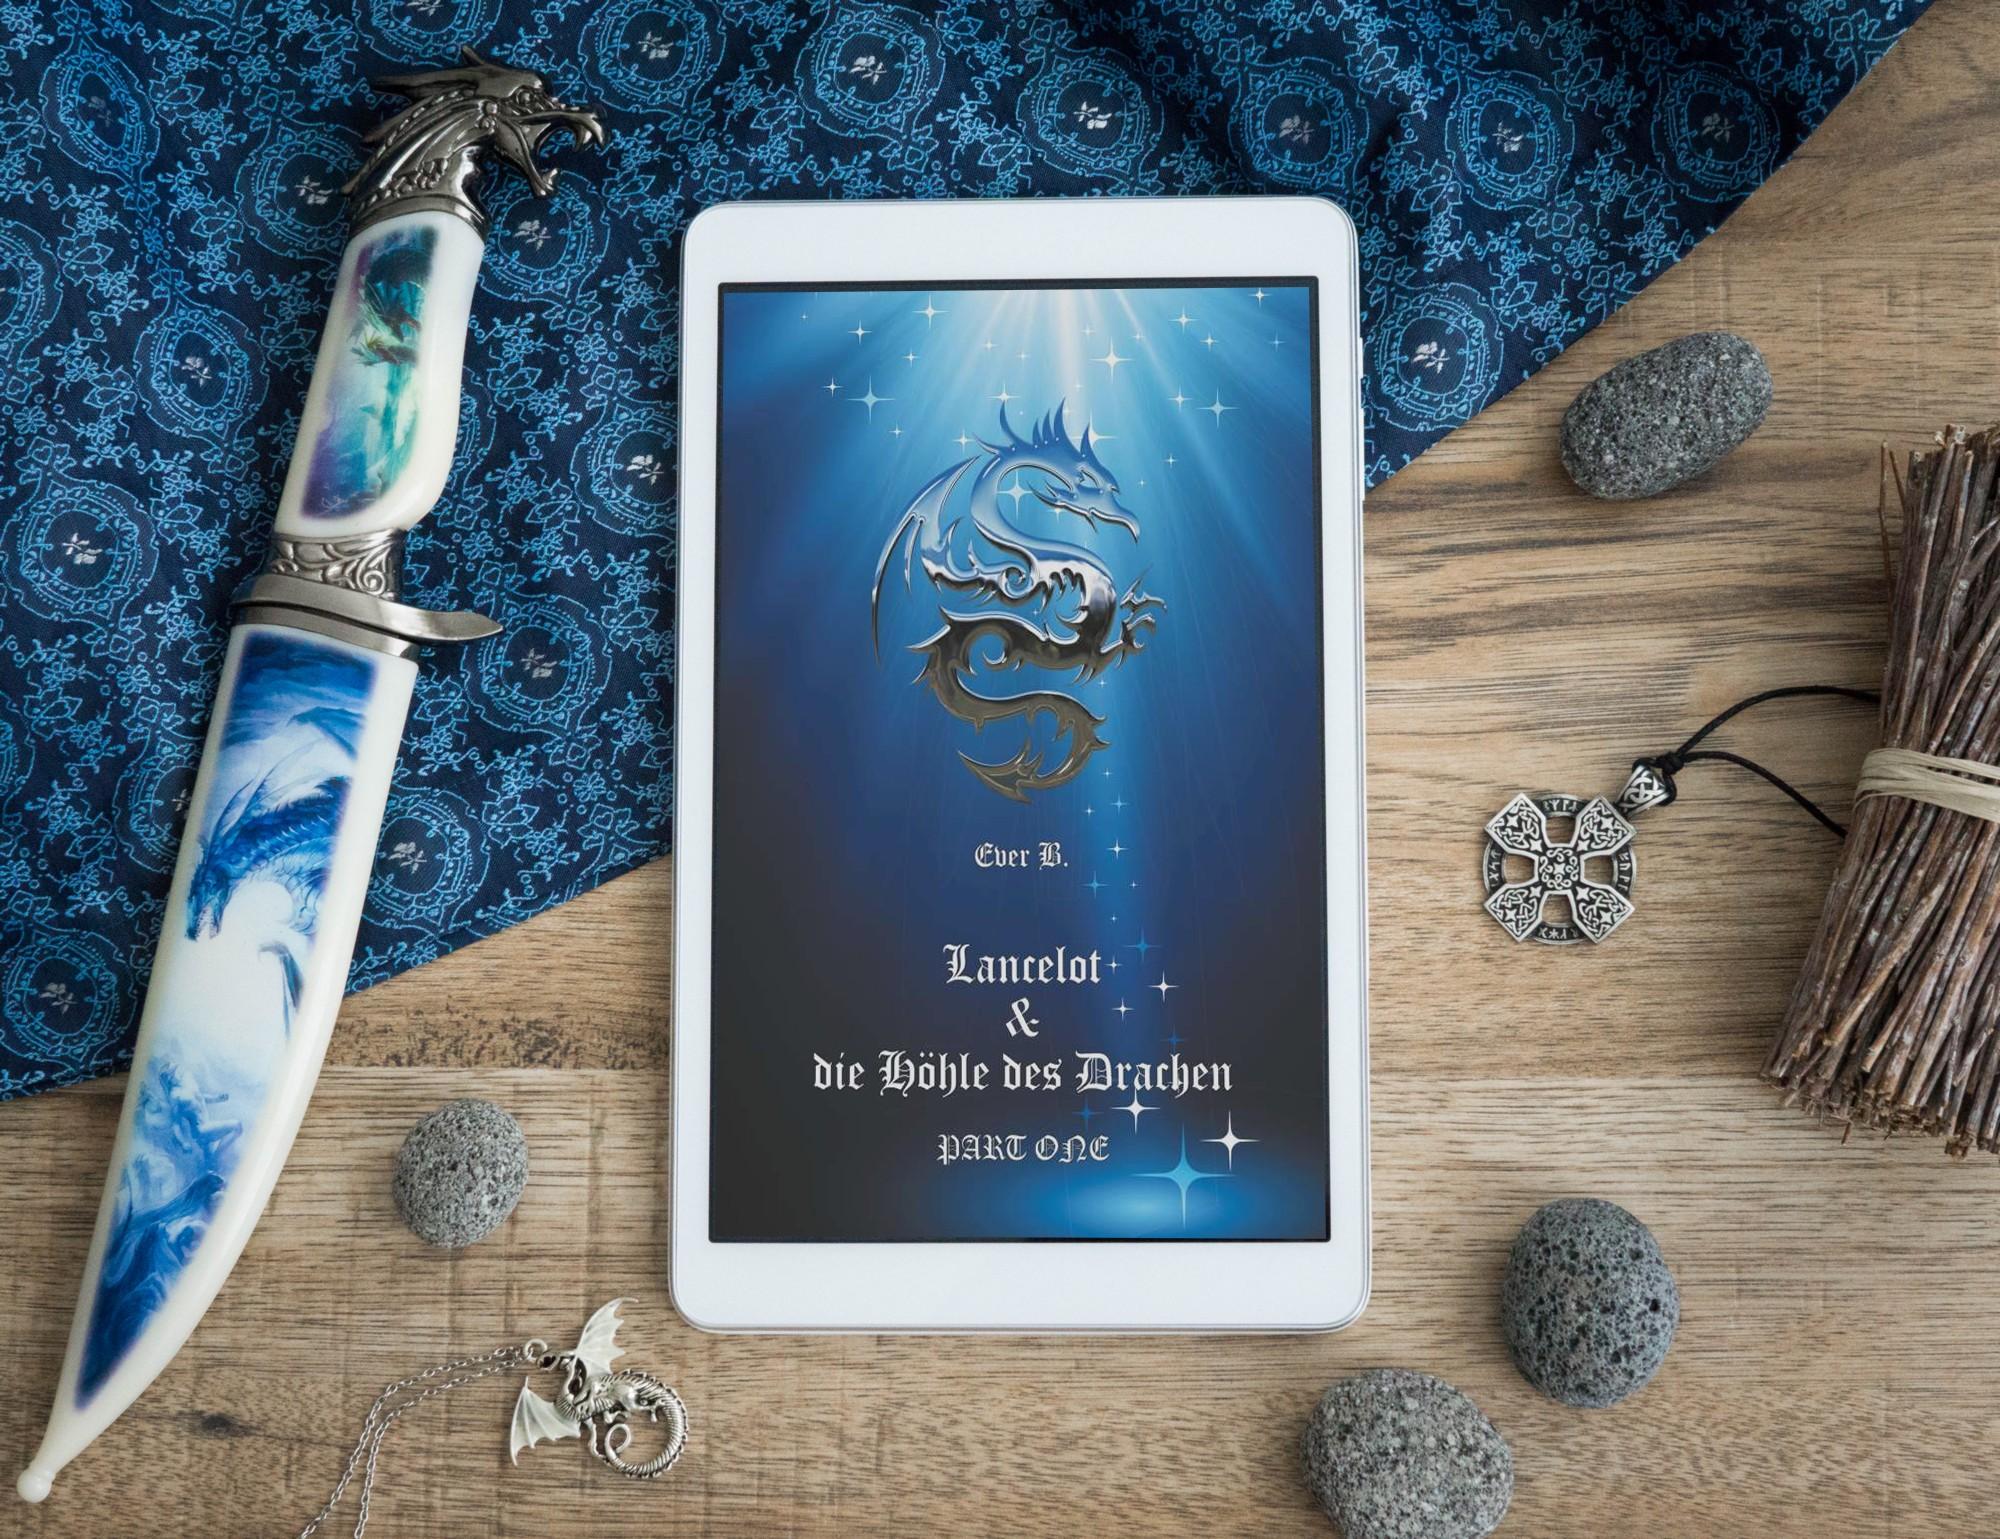 Lancelot und die Höhle des Drachen – Ever B. graphic